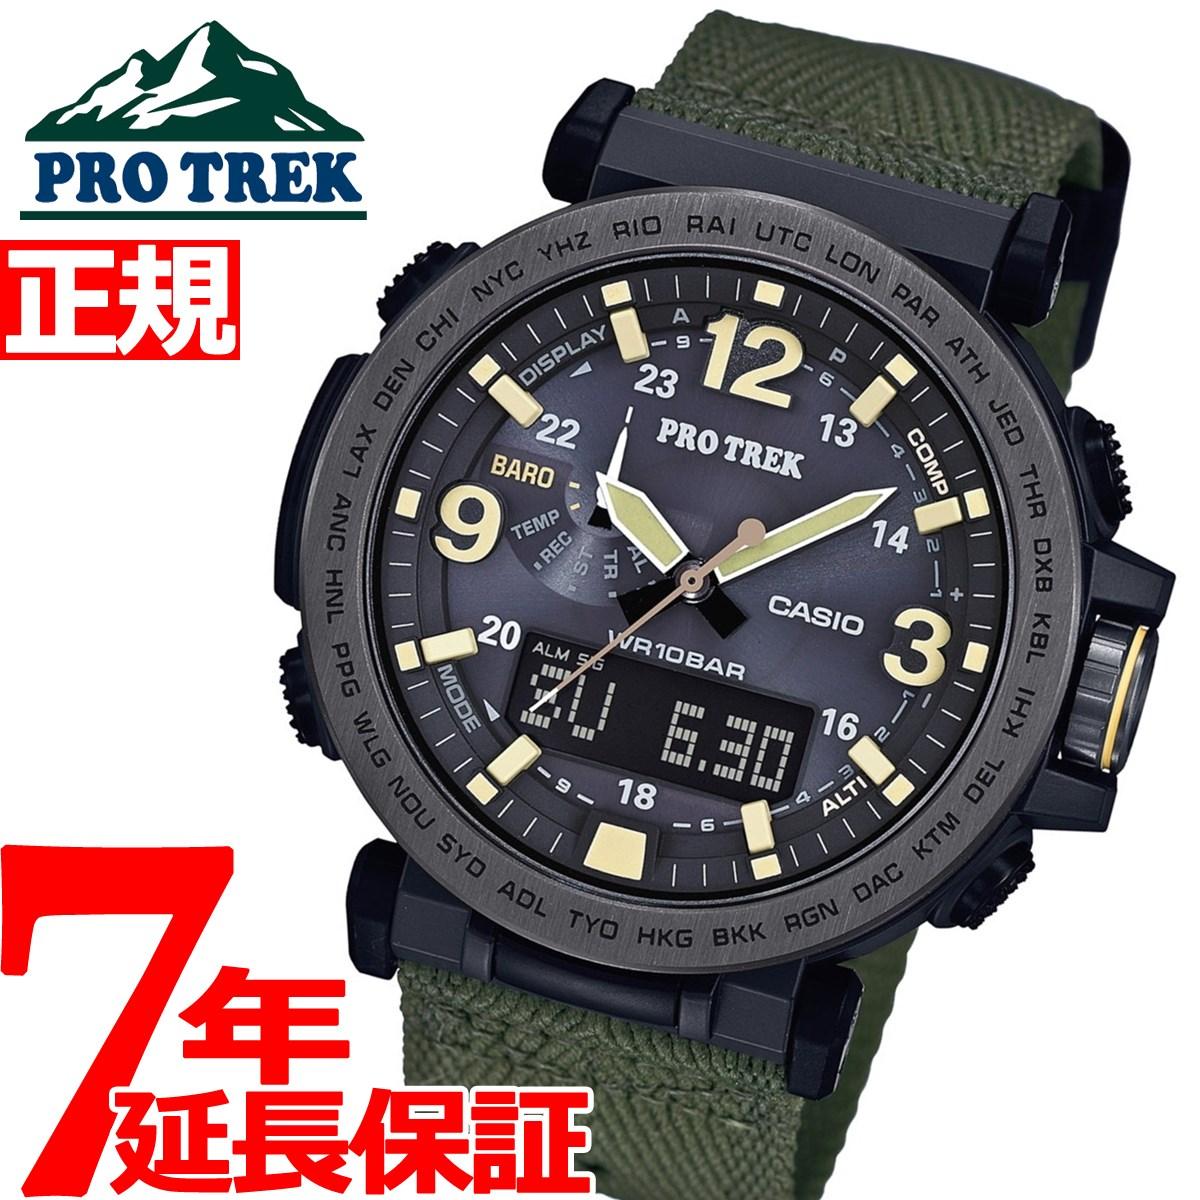 【SHOP OF THE YEAR 2018 受賞】カシオ プロトレック CASIO PRO TREK ソーラー 腕時計 メンズ アナデジ タフソーラー PRG-600YB-3JF